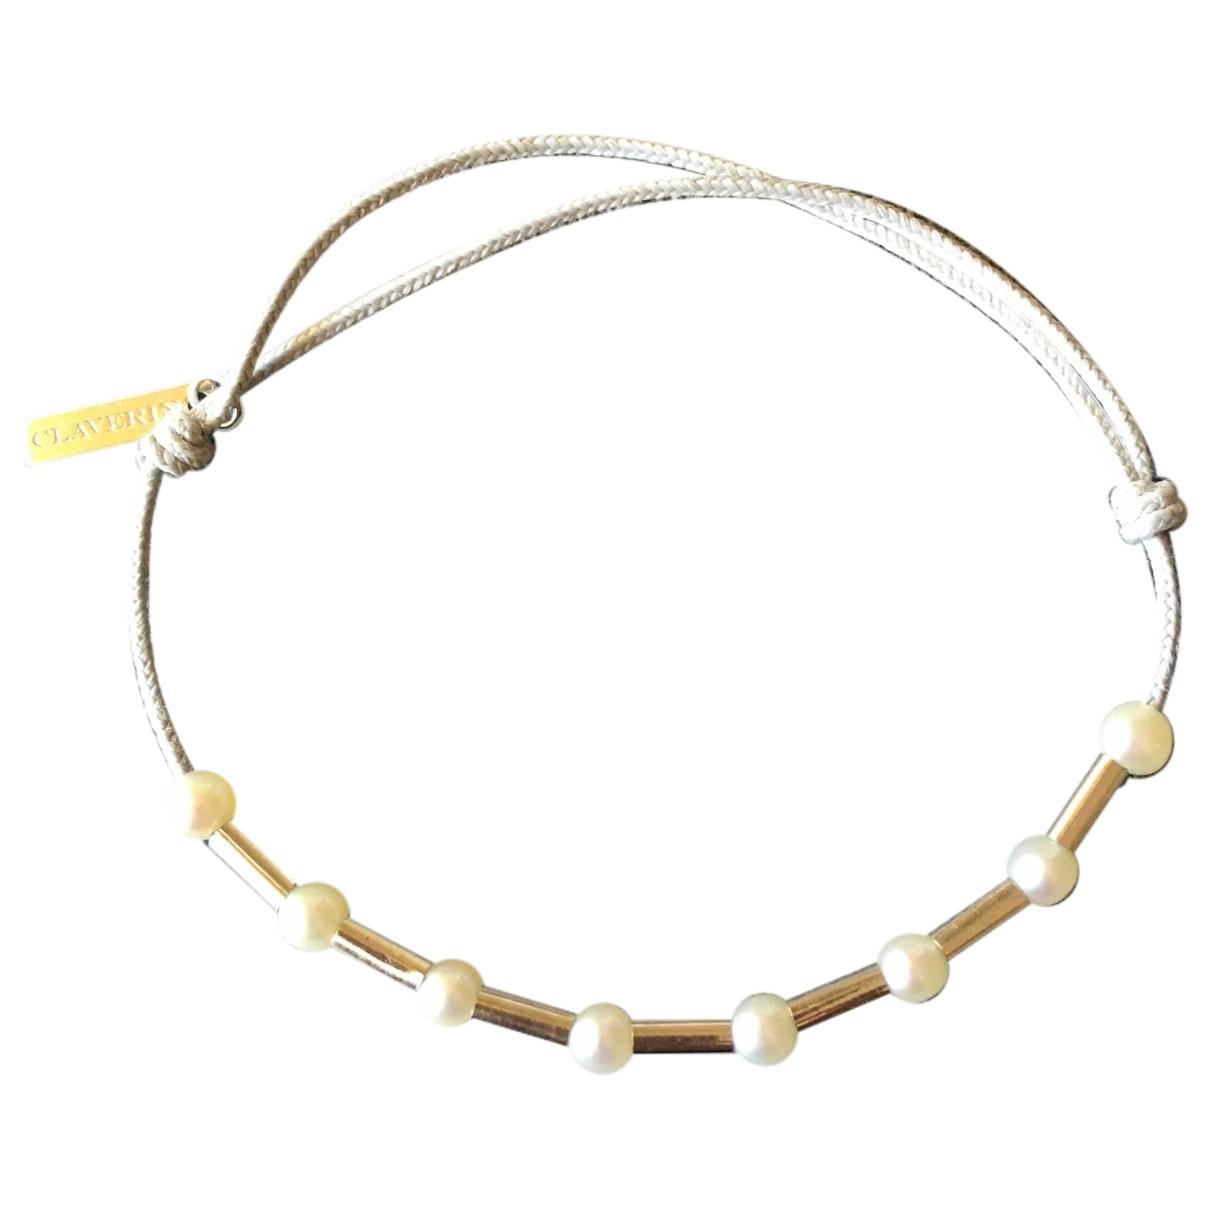 Pulsera de Oro blanco Claverin